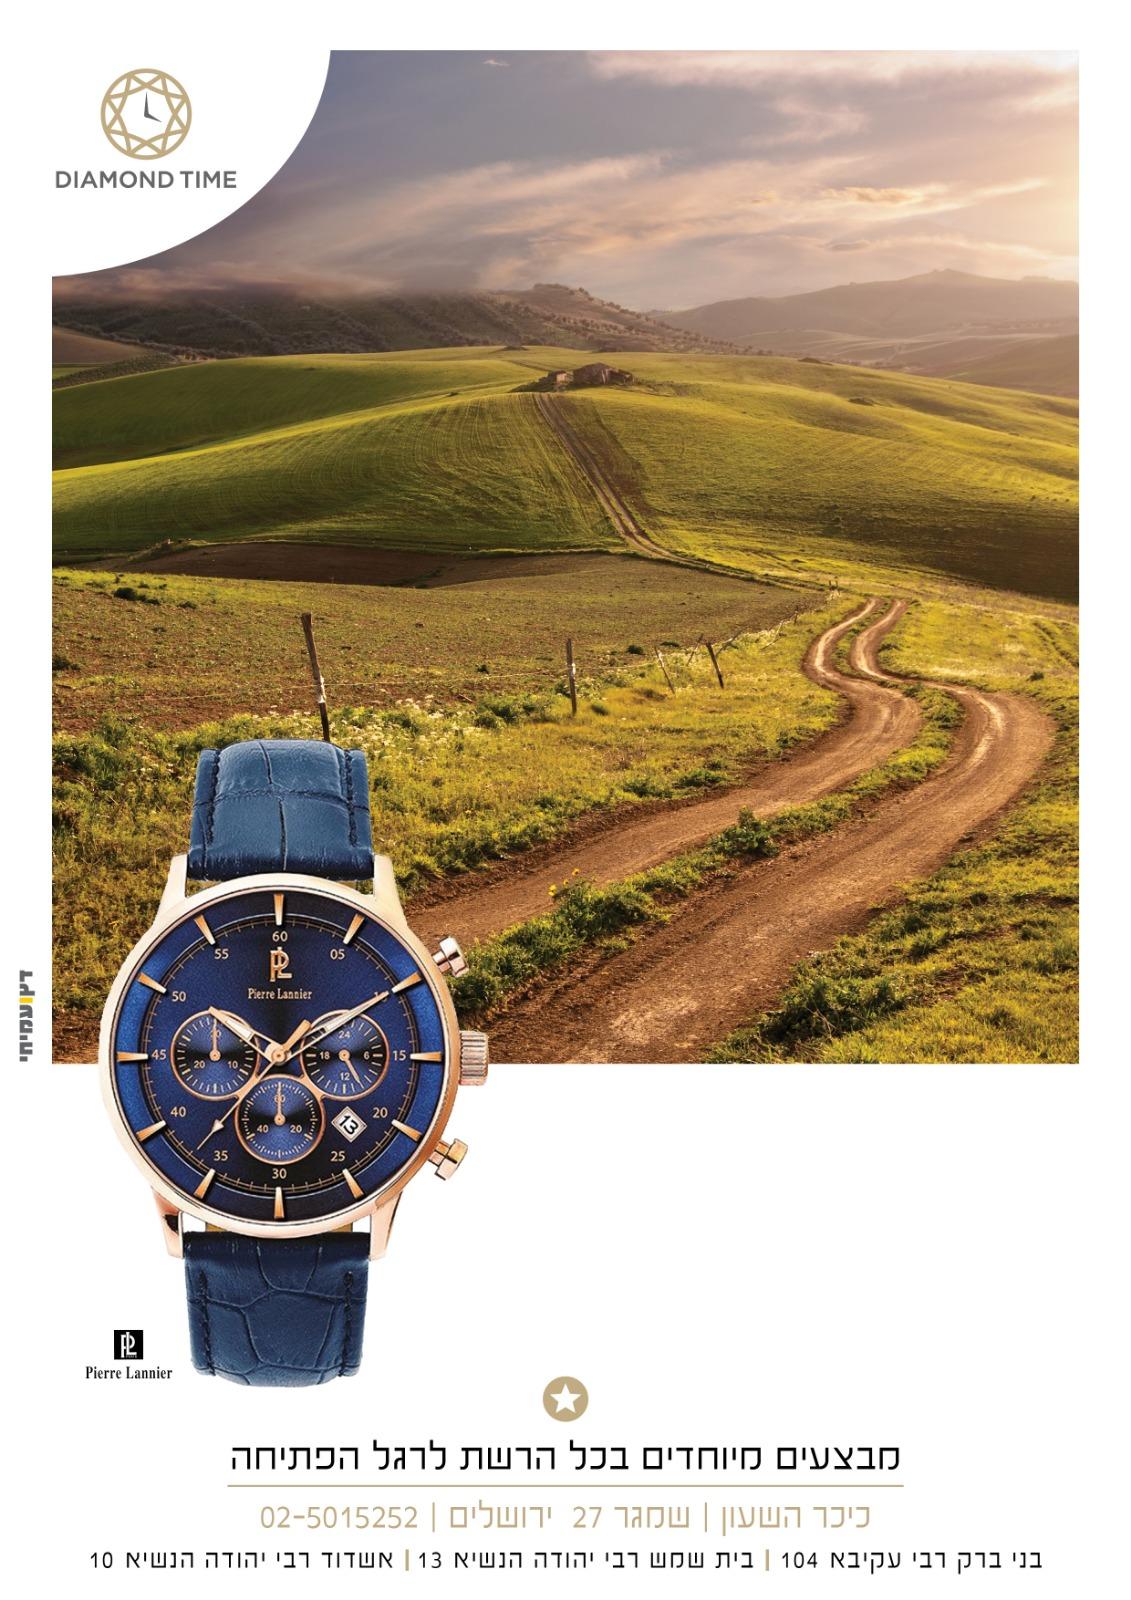 סיקור קמפיין מבית 'דץ ועמיחי': השקה לחנות השעונים היוקרתית 3